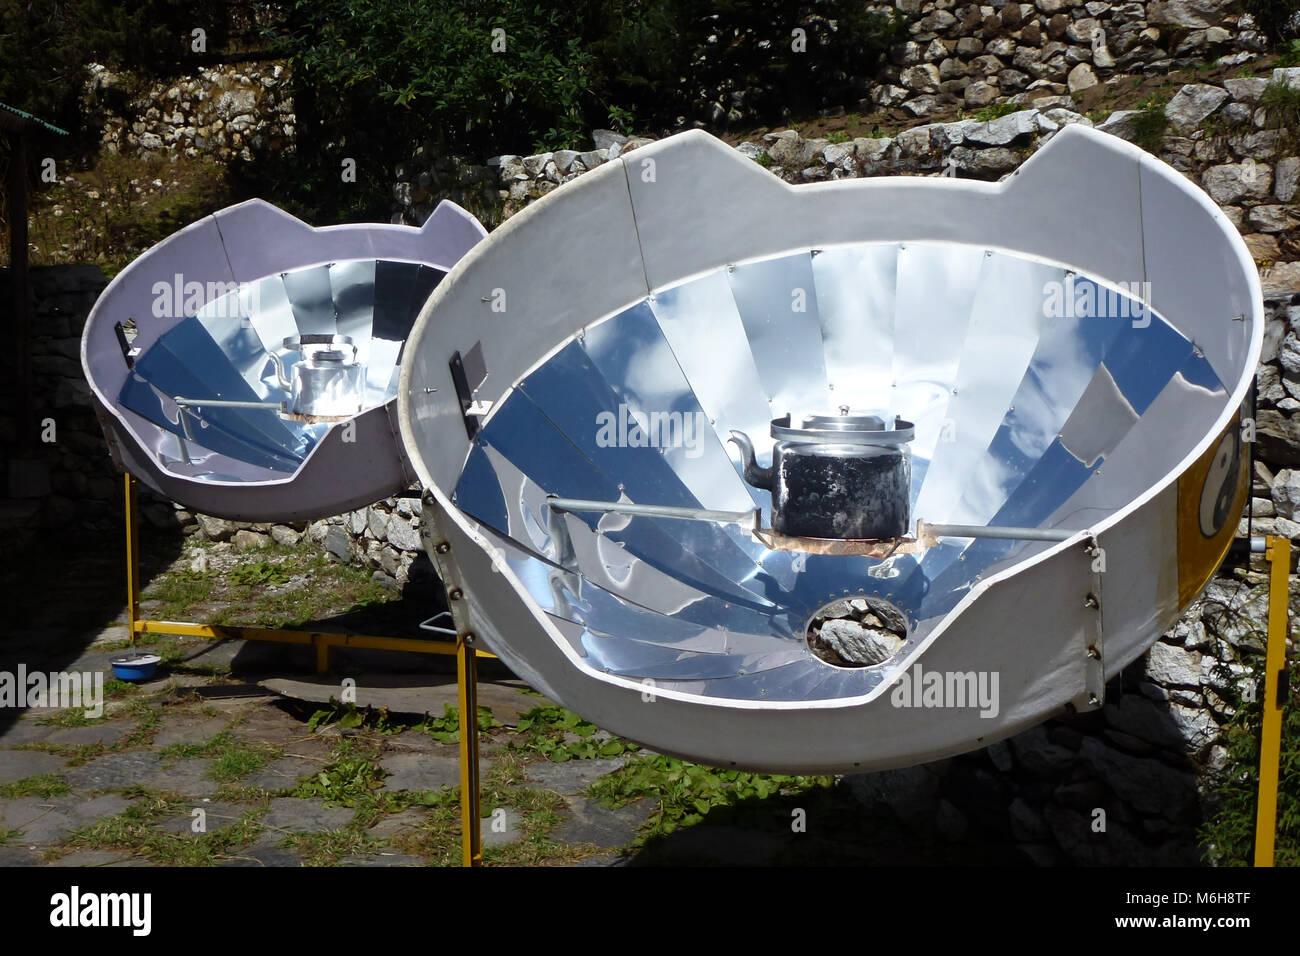 Immagine di una parabolica riscaldatori solare per acqua calda, Pangboche, Campo Base Everest trek, Nepal Immagini Stock